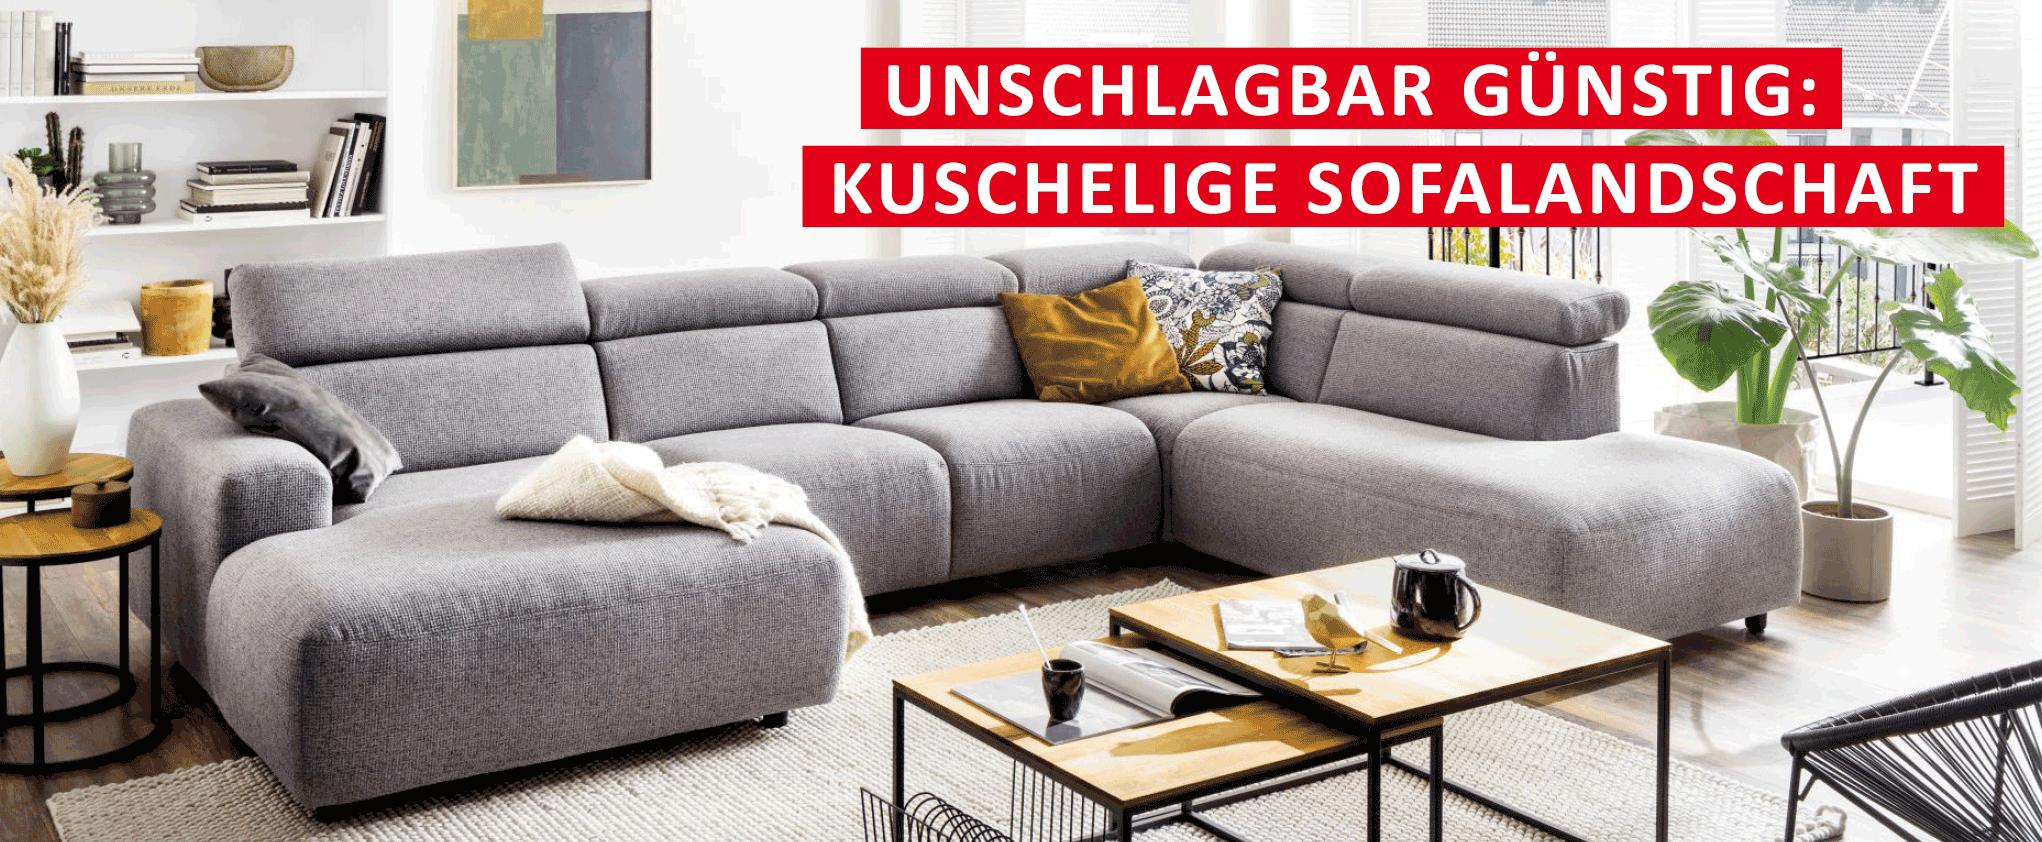 Full Size of Herzlich Willkommen Bei Malia Mbel Und Raumausstattung Wohnen Wohnzimmer Moebel.de